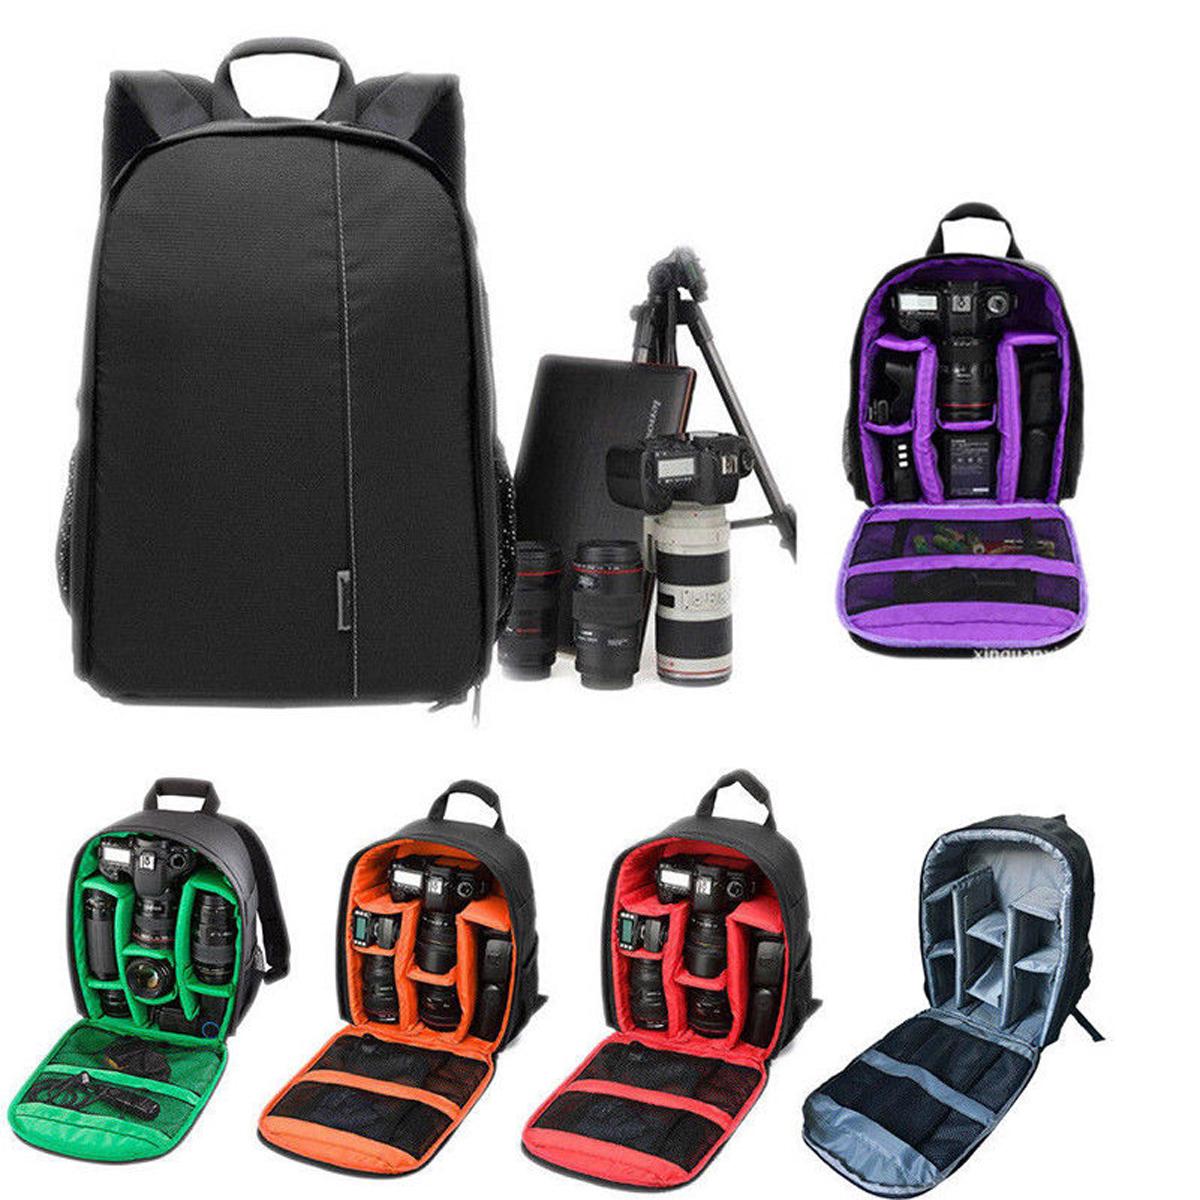 Color : Green Waterproof Shoulder Backpack Padded Shockproof Camera Case Bag for Nikon Orange Camera Bags Cases